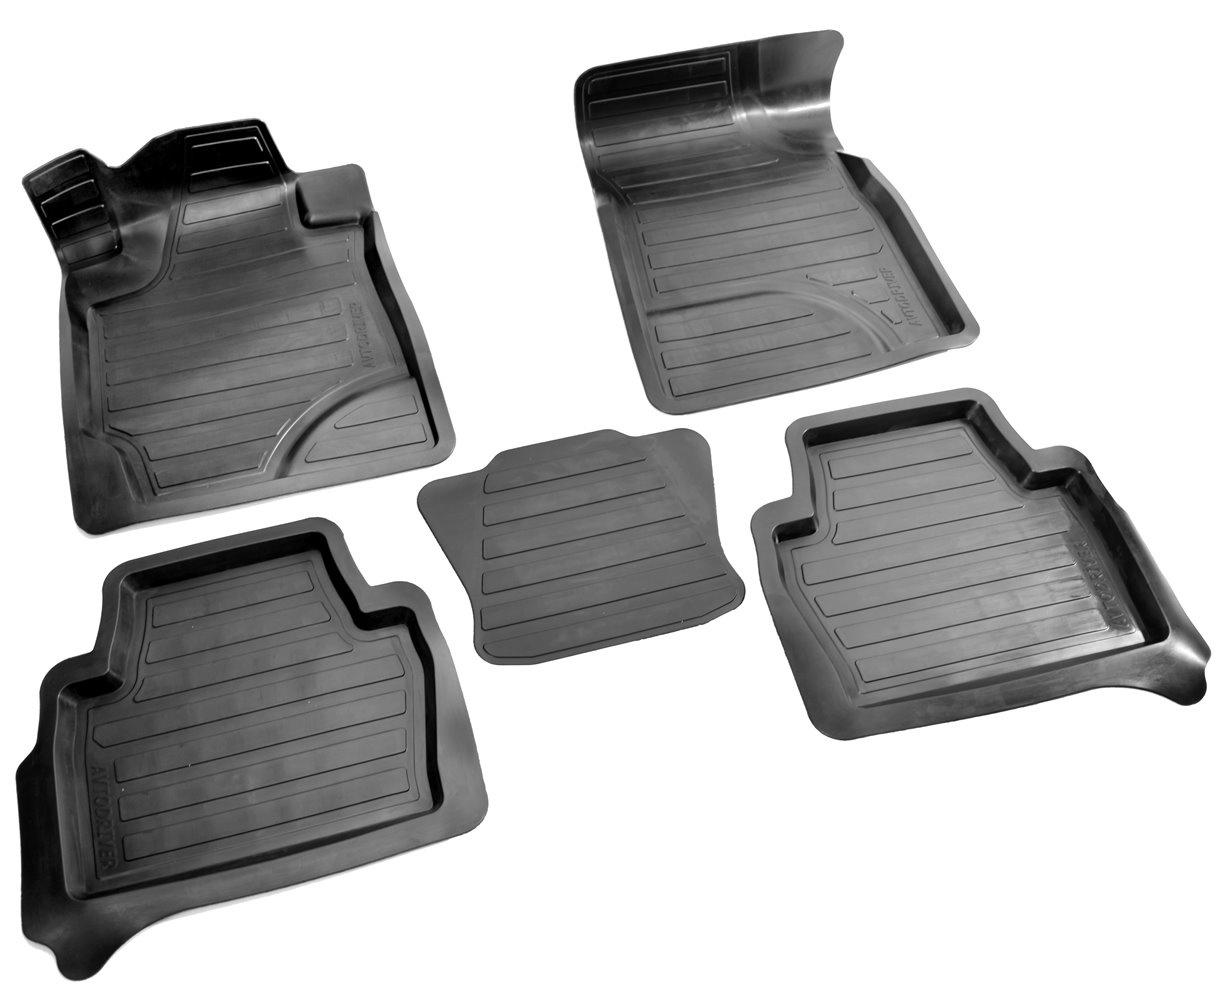 Коврики в салон автомобиля Avtodriver, для Toyota Highlander, 2014-, ADRAVG163, резиновые, с бортиком, черный комплект ковриков в салон автомобиля klever toyota highlander 2014 standard